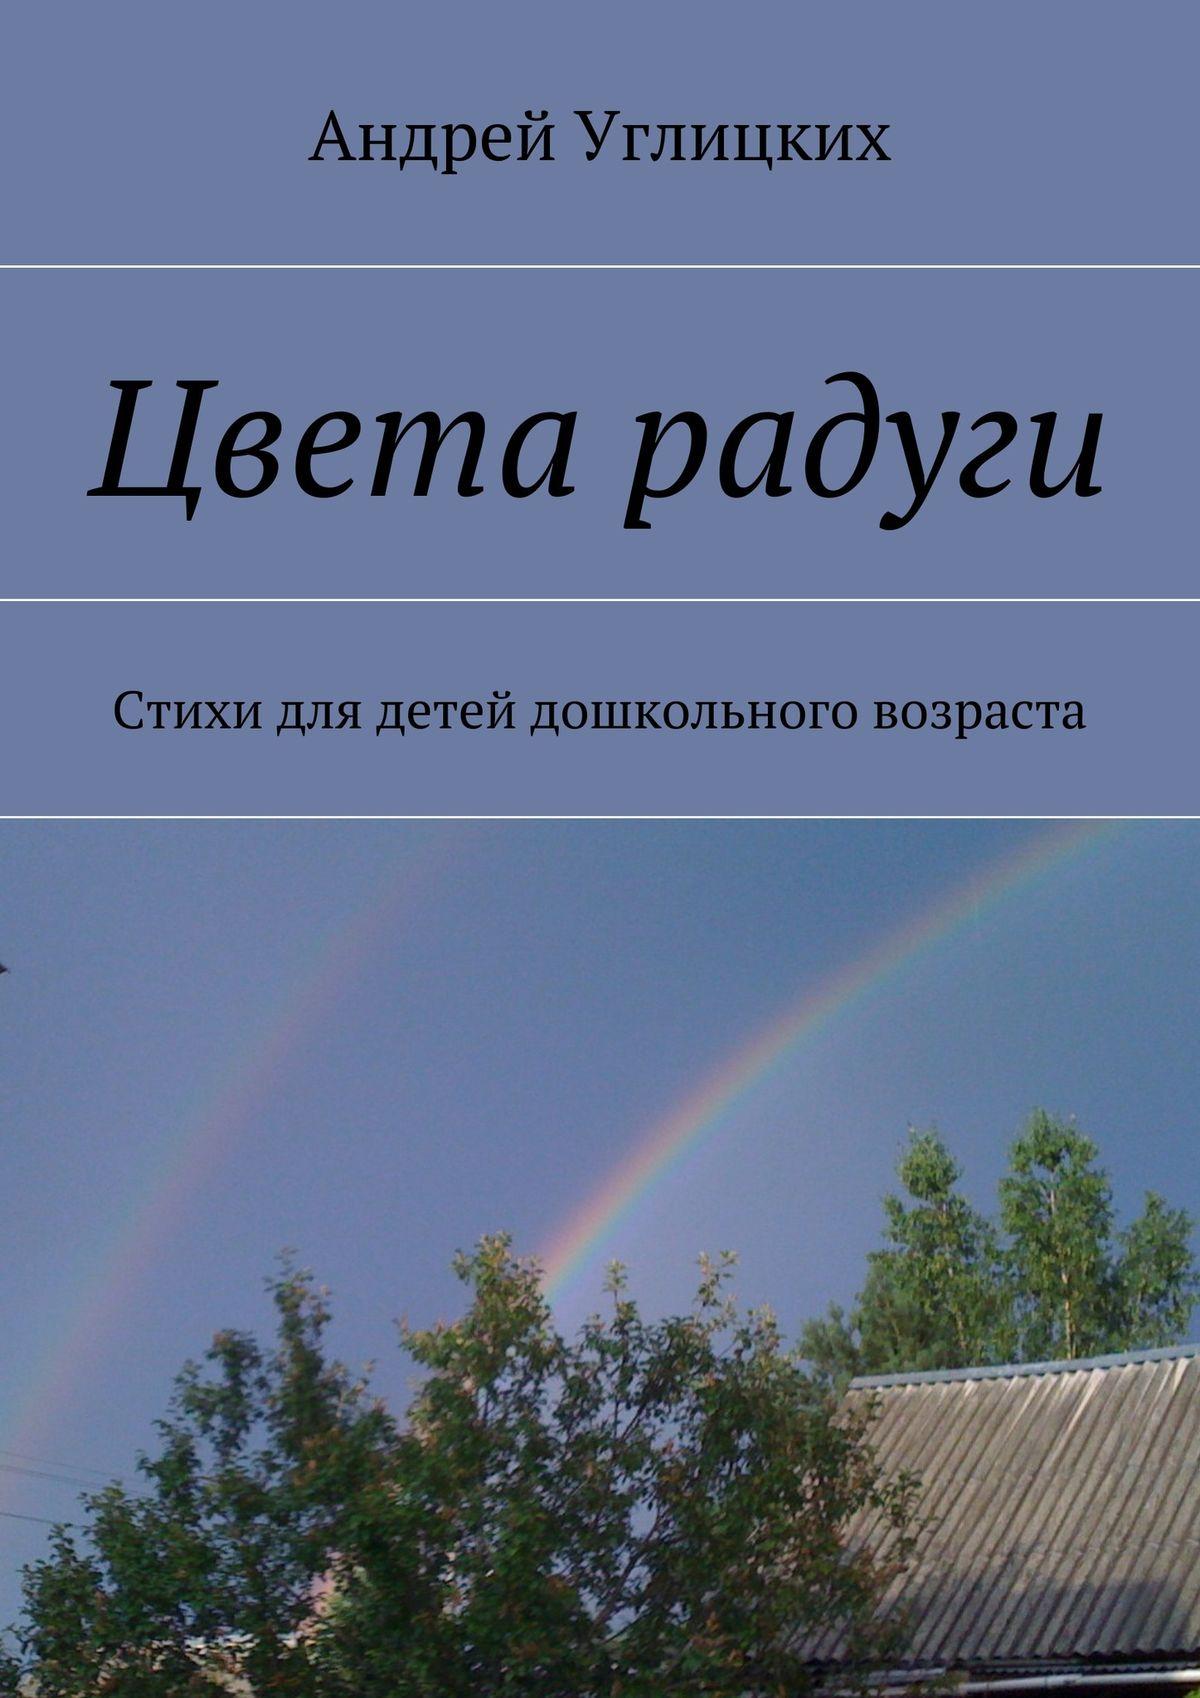 Андрей Углицких Цвета радуги. Стихи для детей дошкольного возраста андрей углицких соловьиный день повесть